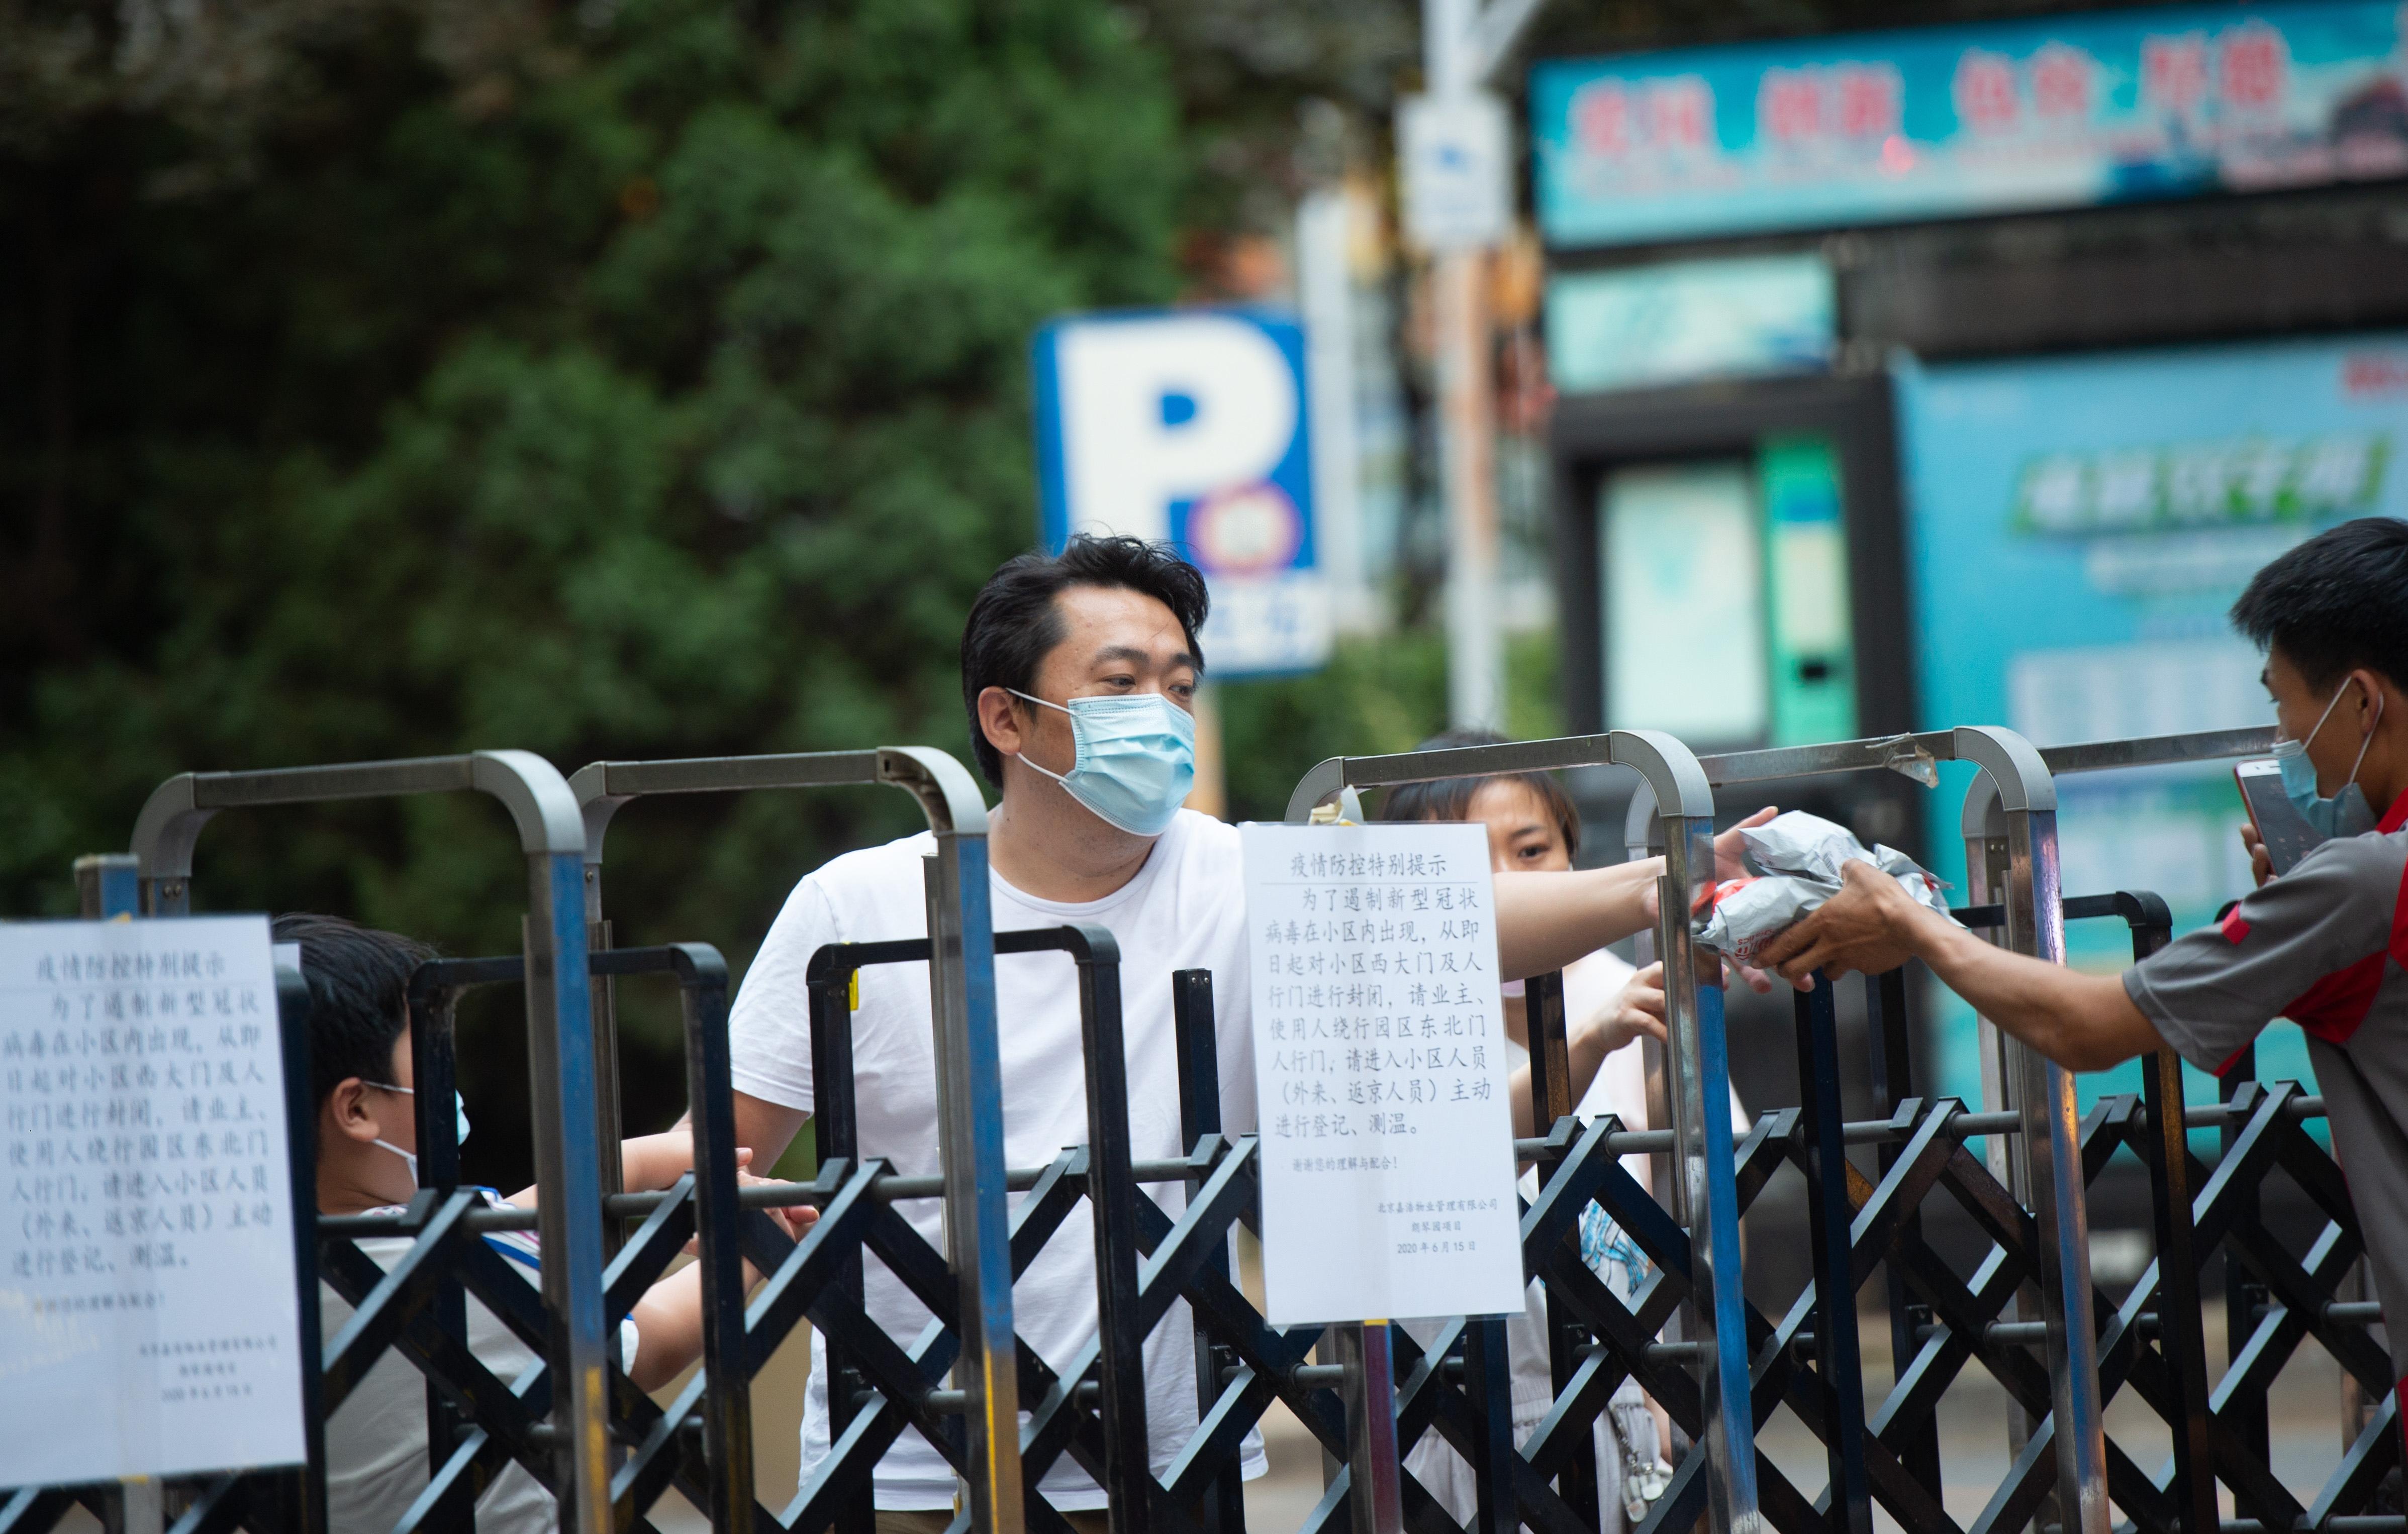 境外媒体关注:北京迅速进入二级响应状态 果断调整防控策略